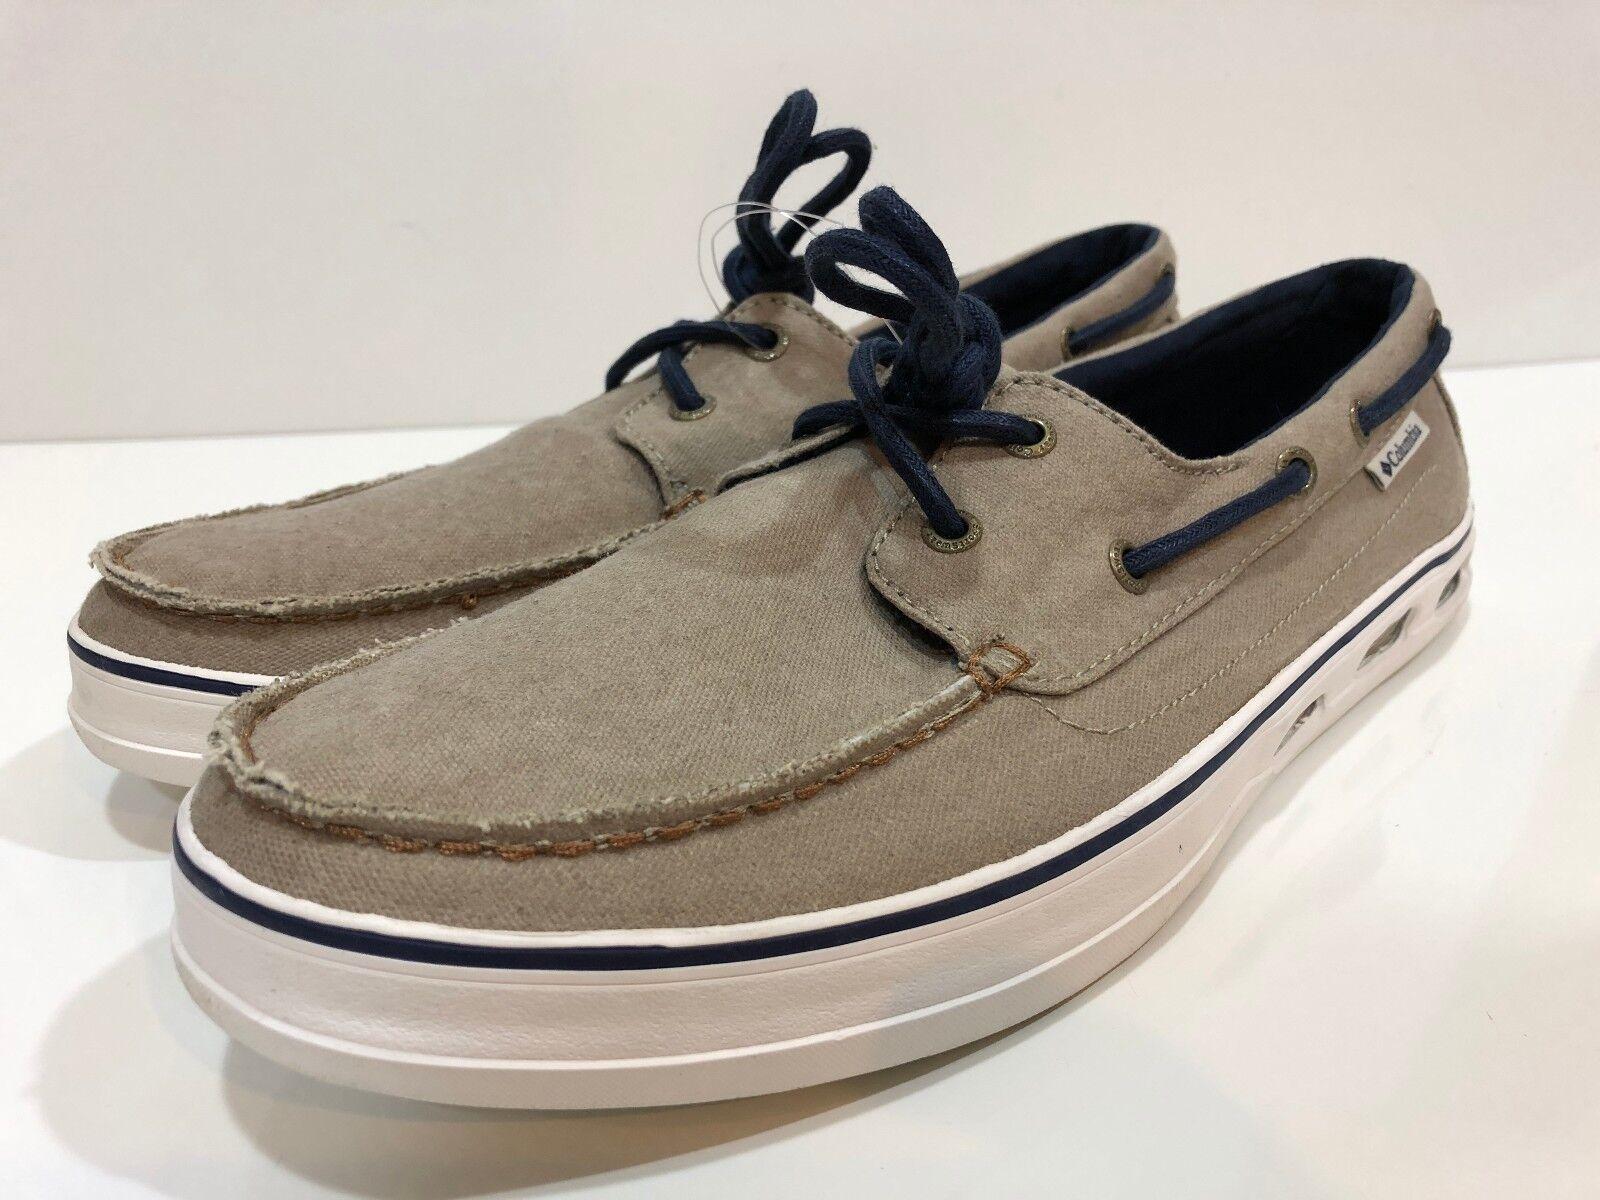 Columbia Vulc N Vent Men's Shore Lace Boat shoes Size 9.5 M